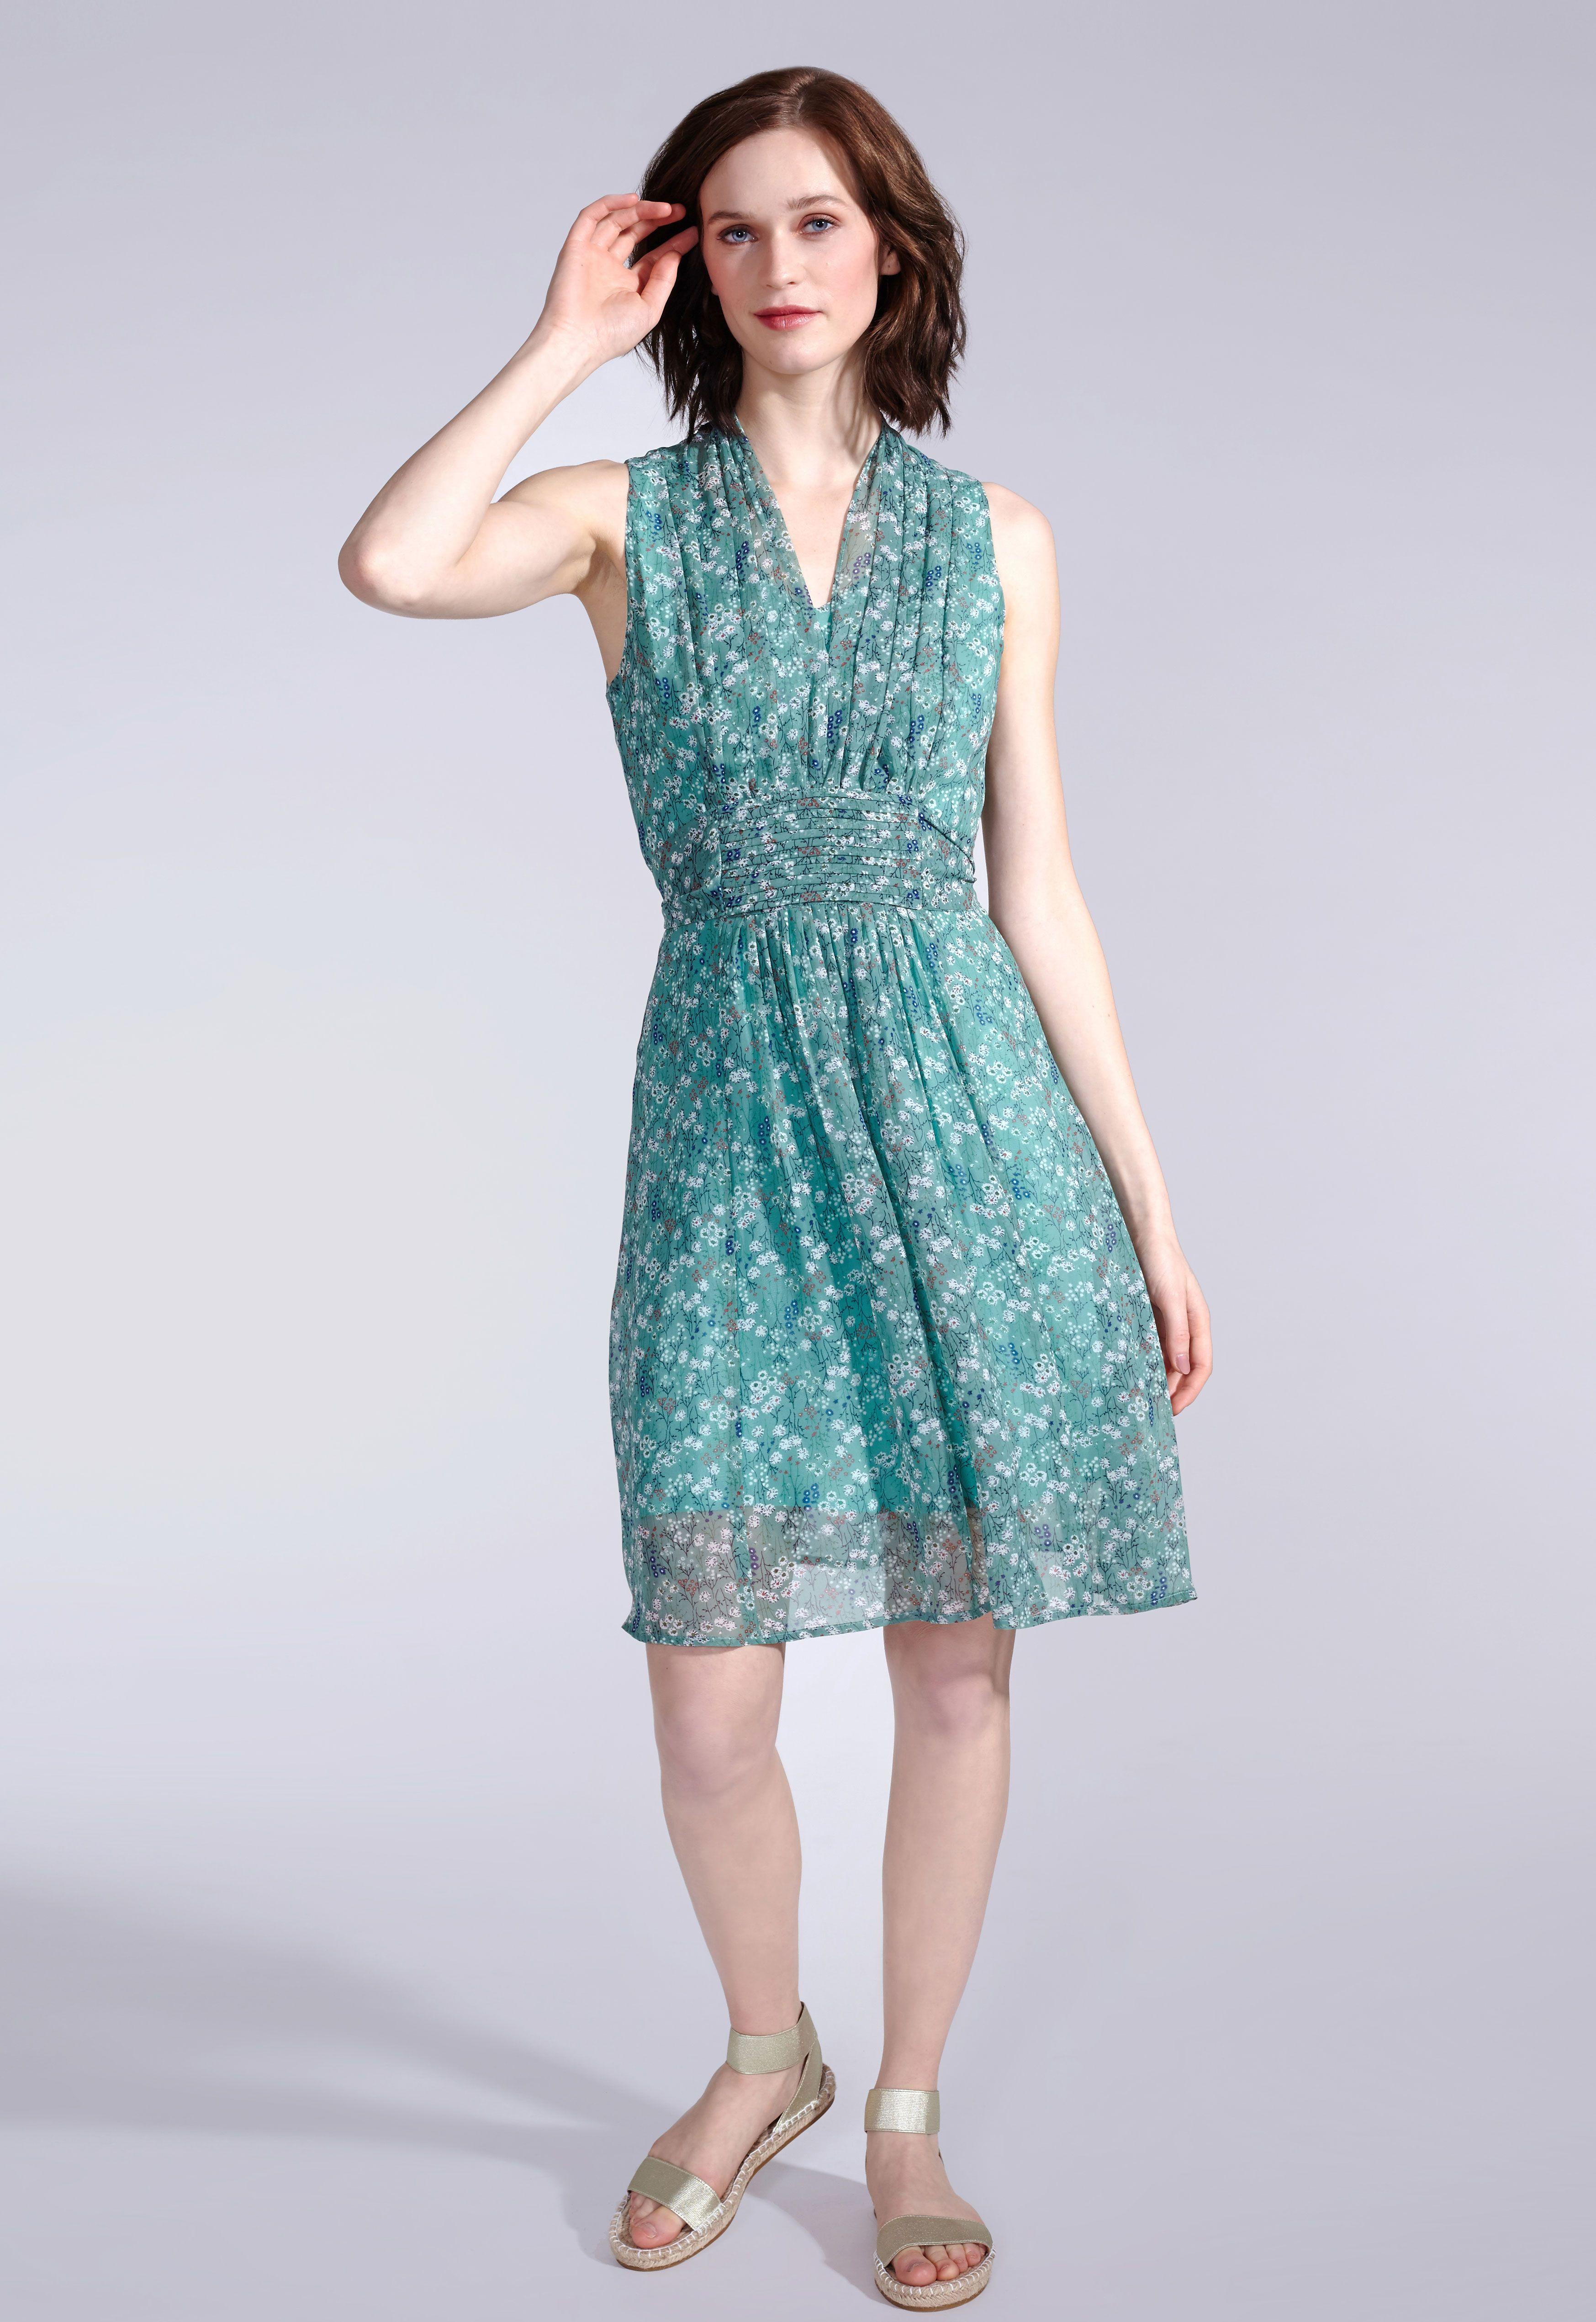 Sommerkleid in Grün mit Schleife am Rücken  Modische kleider für